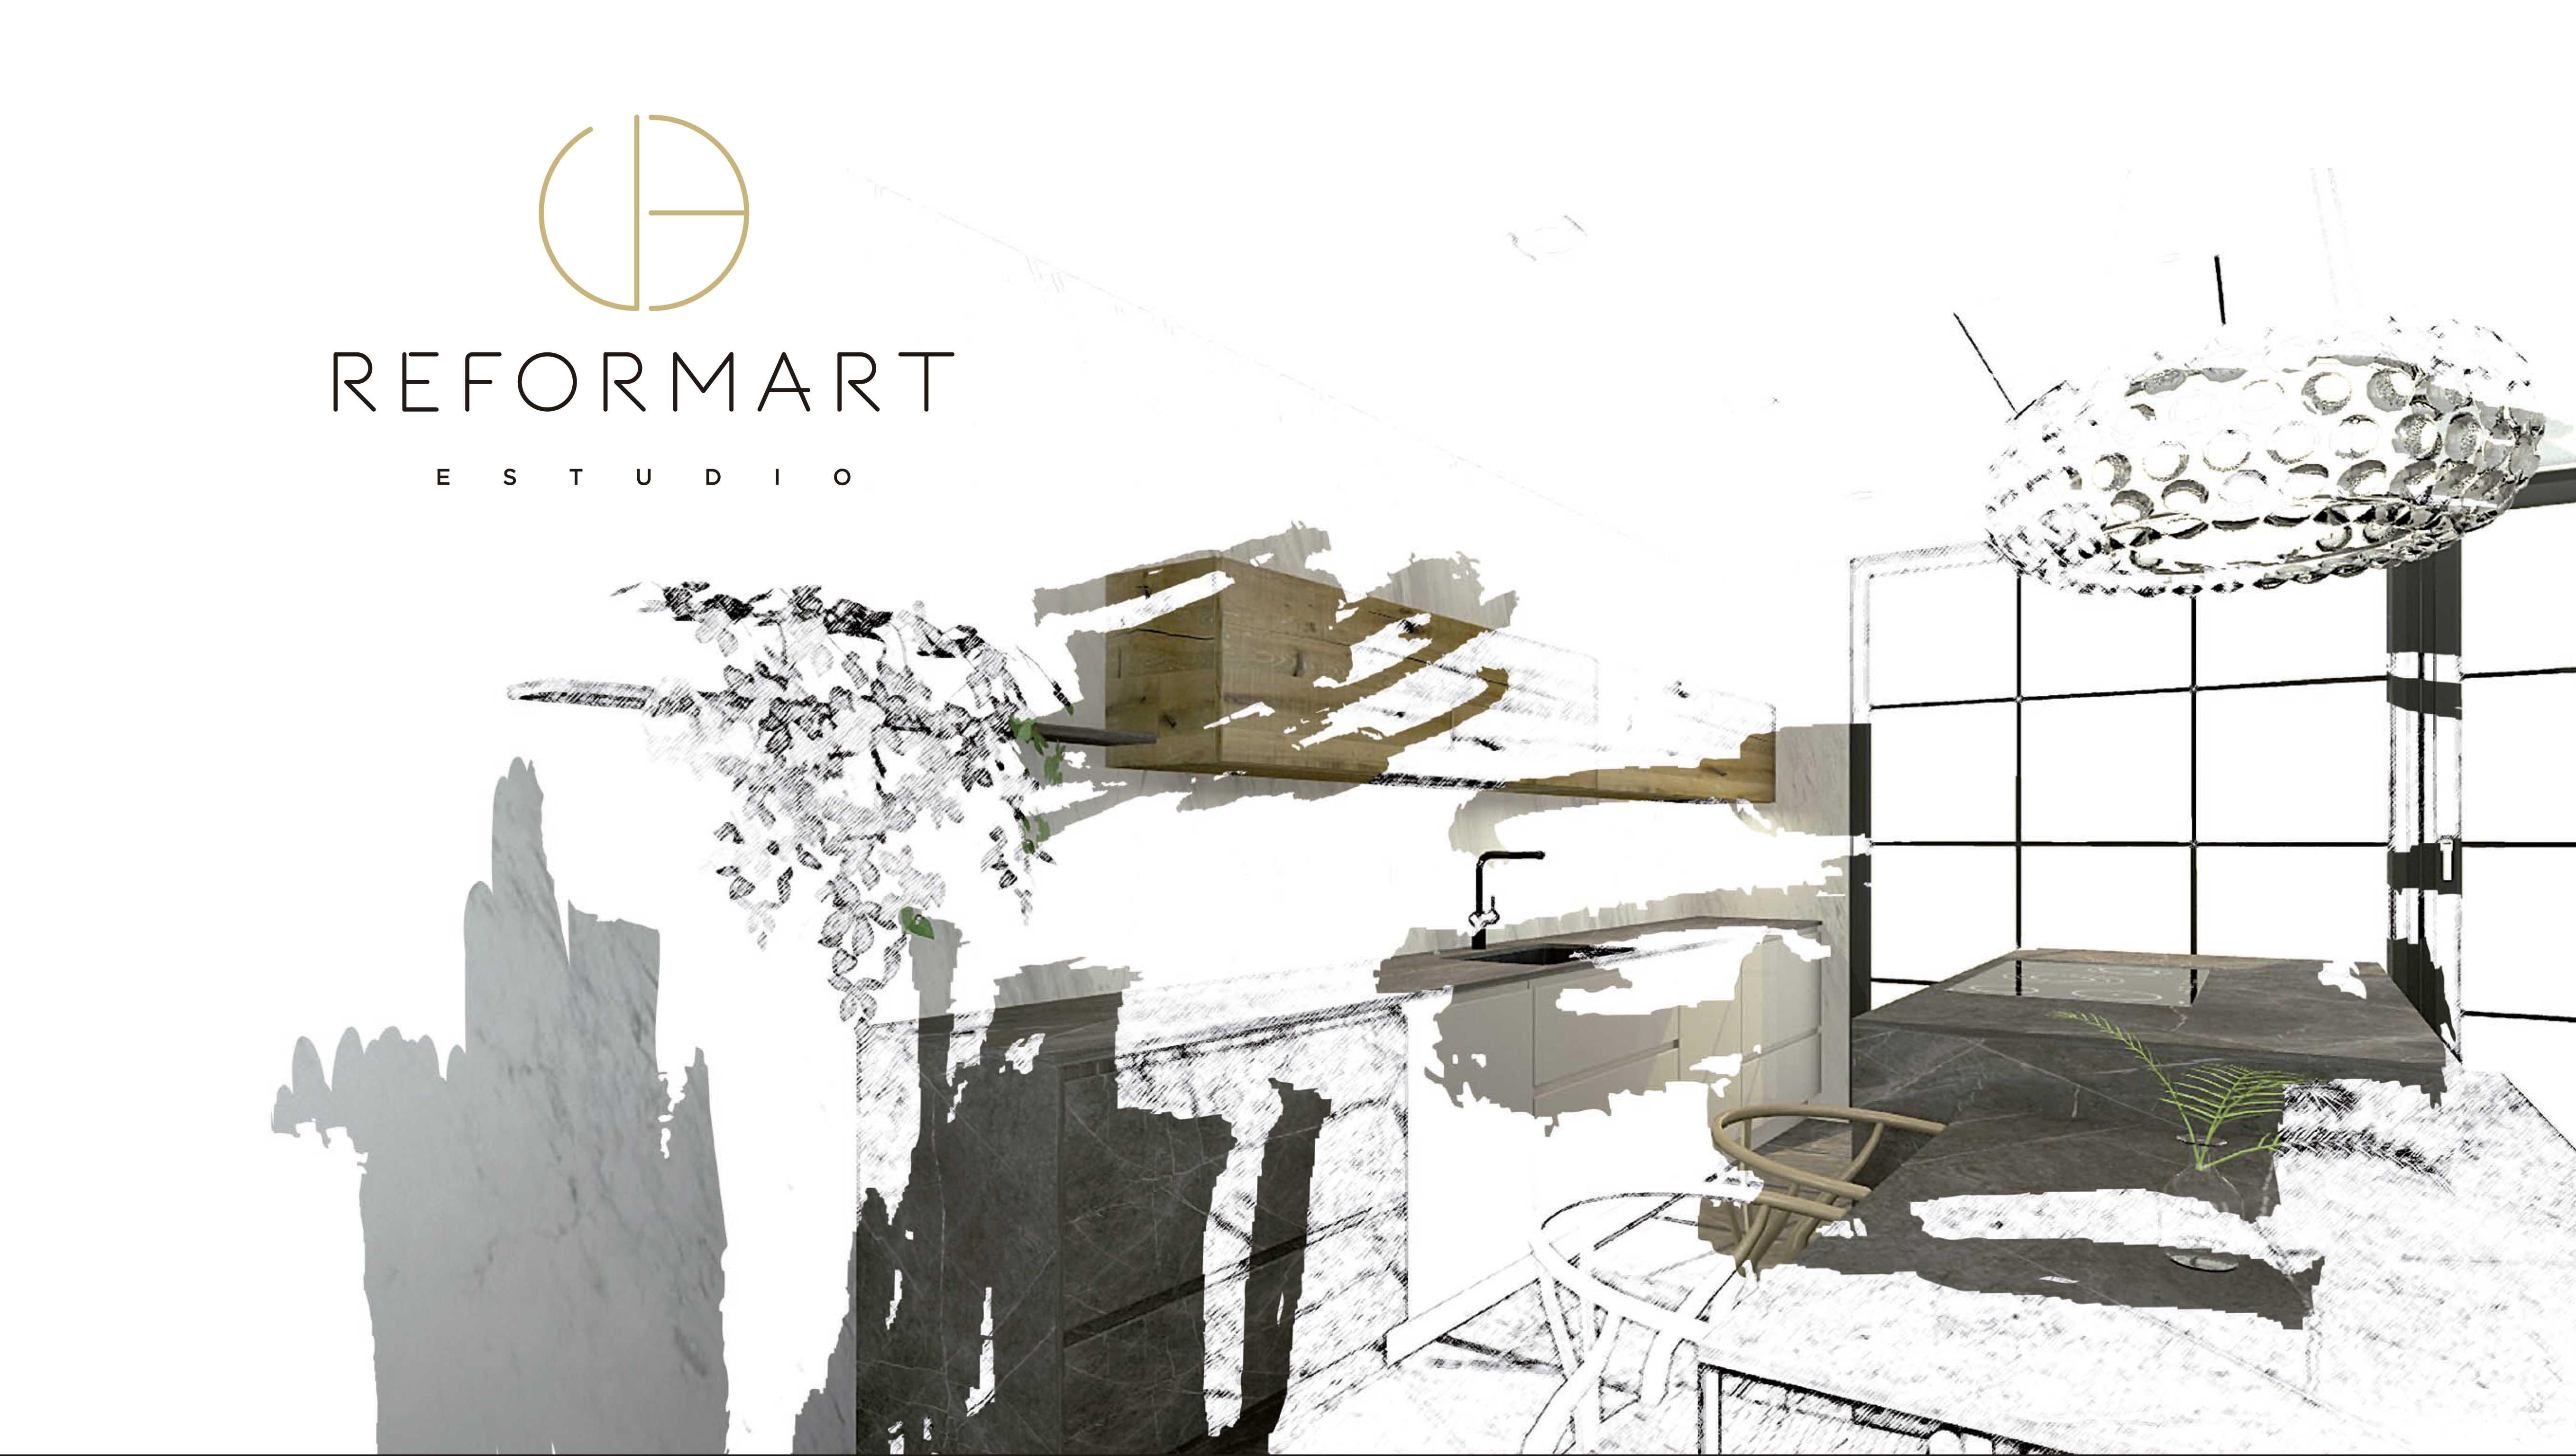 Reformart Estudio - Imágenes 3D